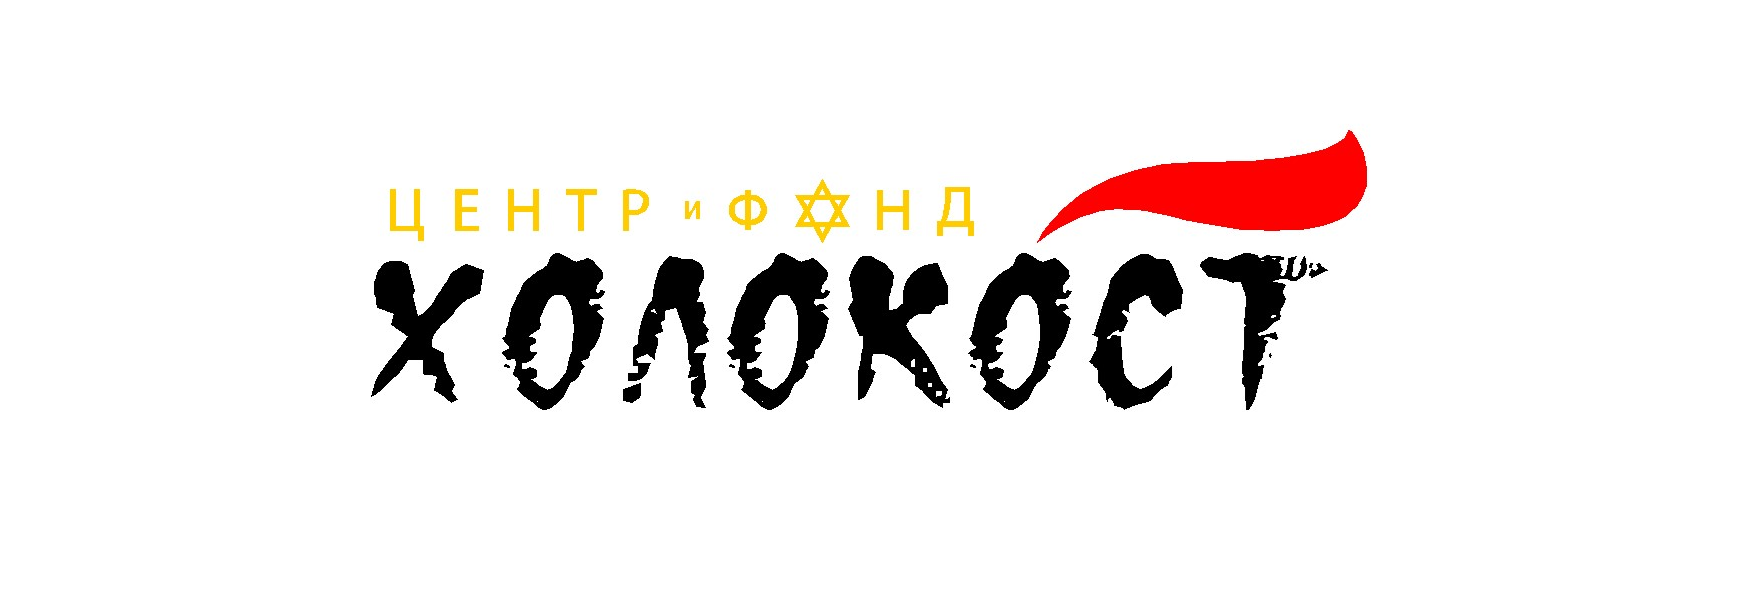 Семинар педагогов России по теме Холокоста: пресс-релиз